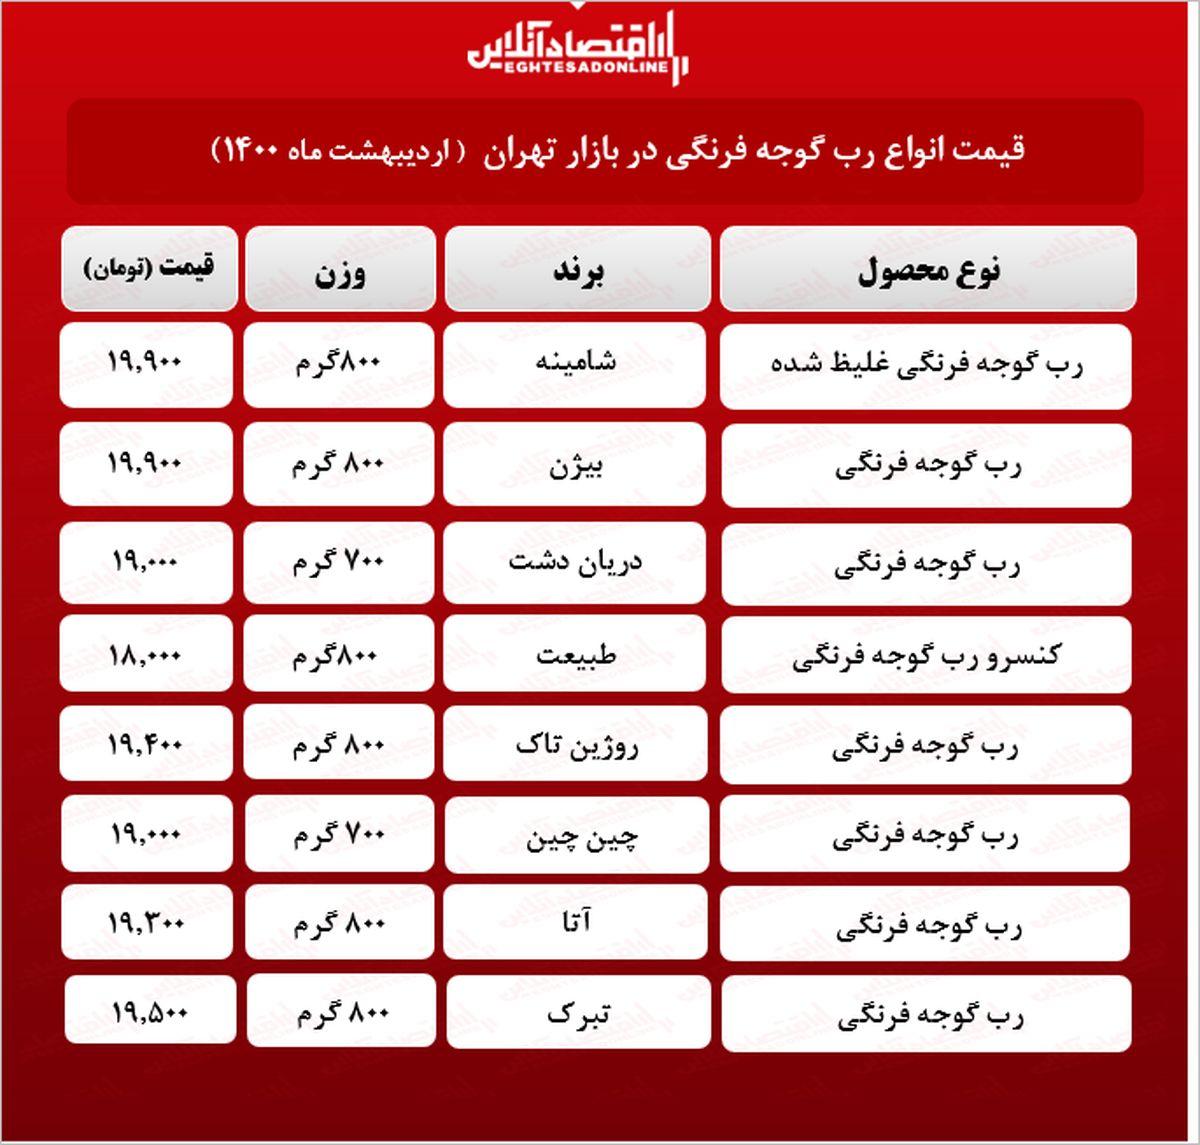 قیمت انواع رب در بازار (۱۴۰۰/۰۲/۱۶) + جدول